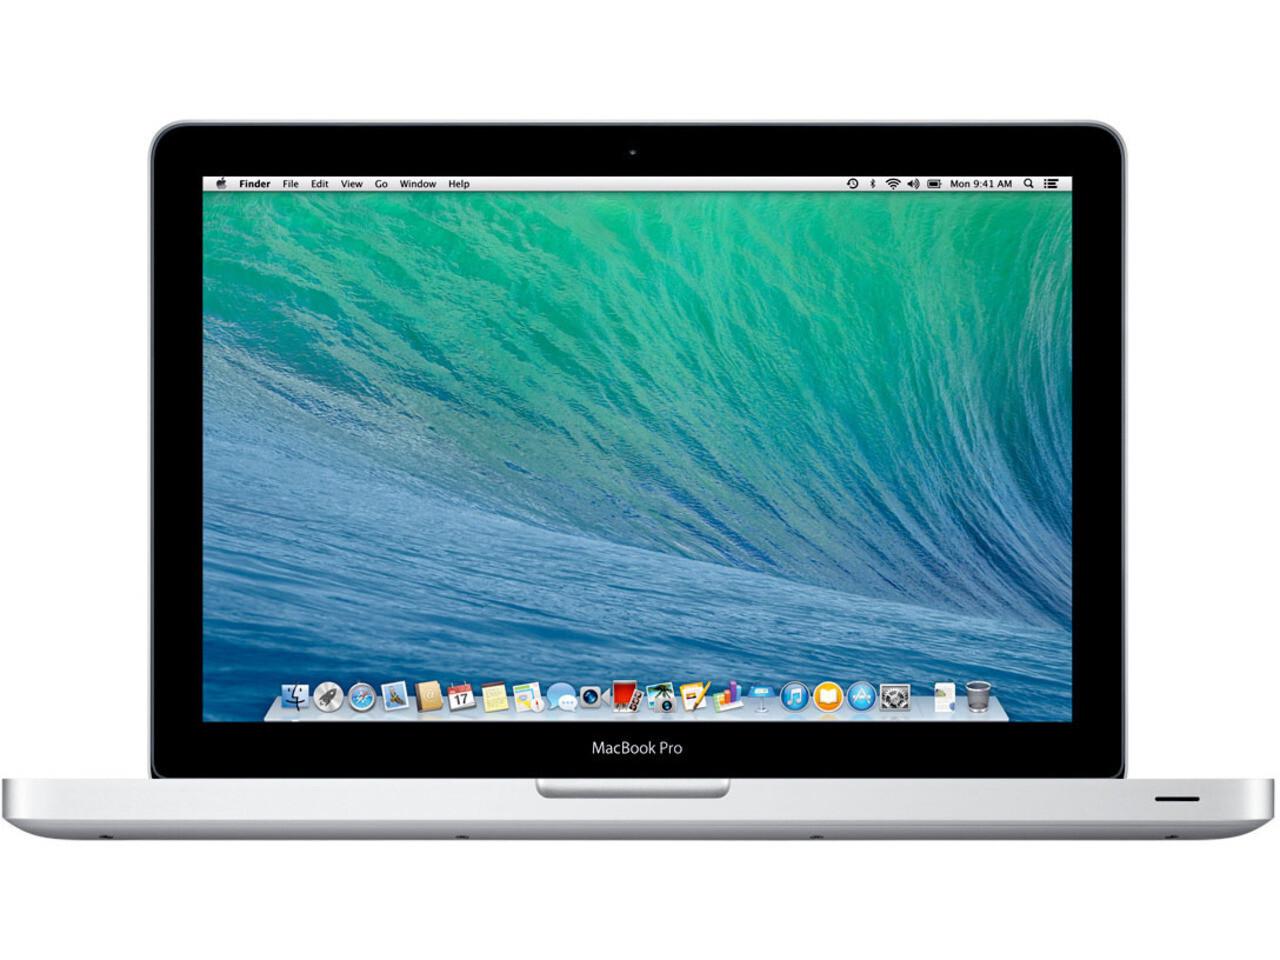 macbook pro 13 inch nr 2011 silver